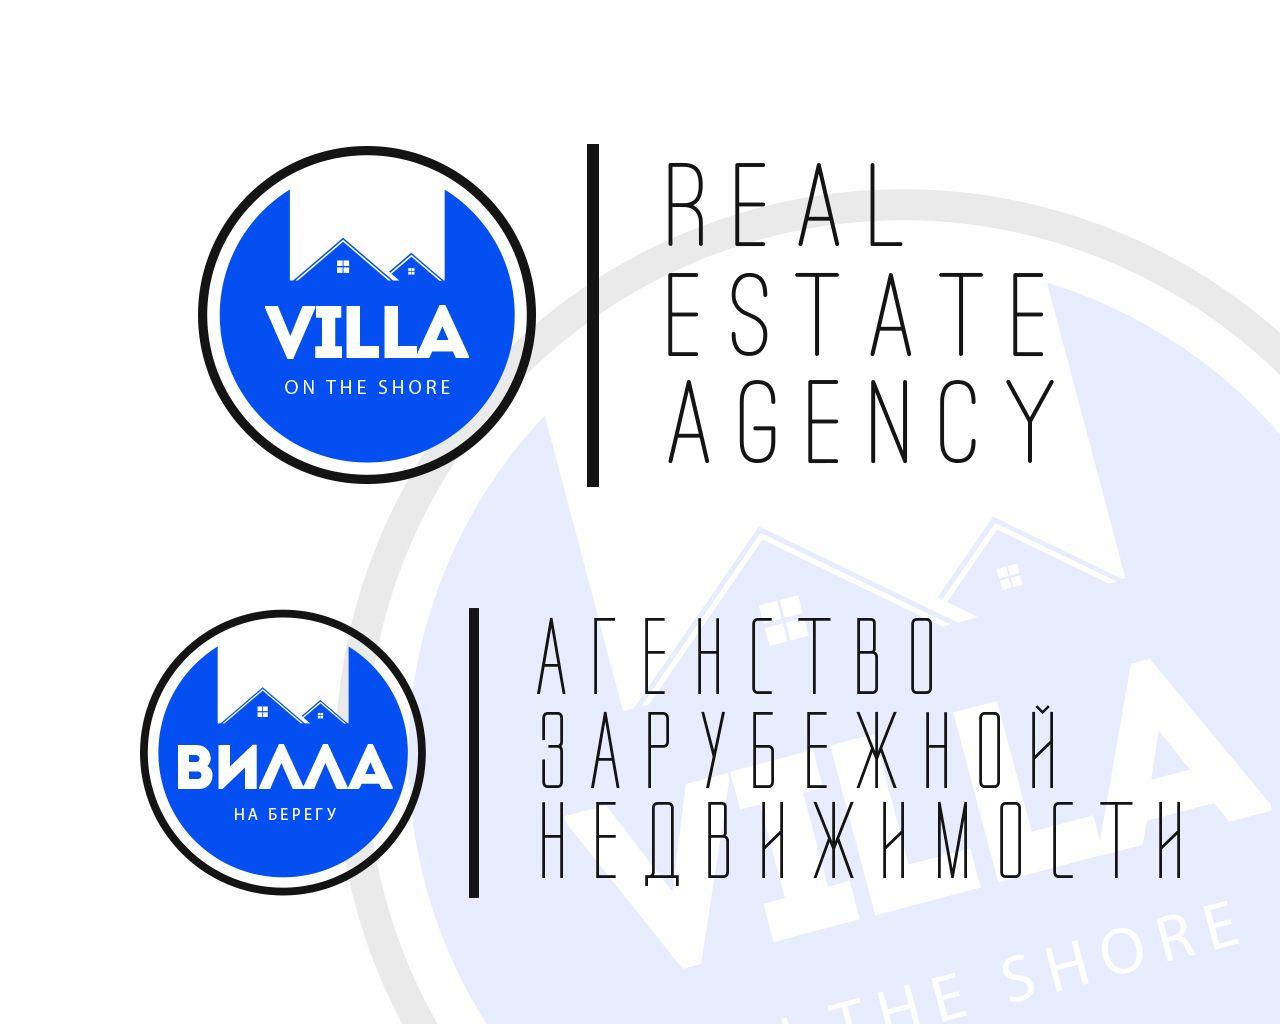 Фирстиль для агентства зарубежной недвижимости - дизайнер MePhobia